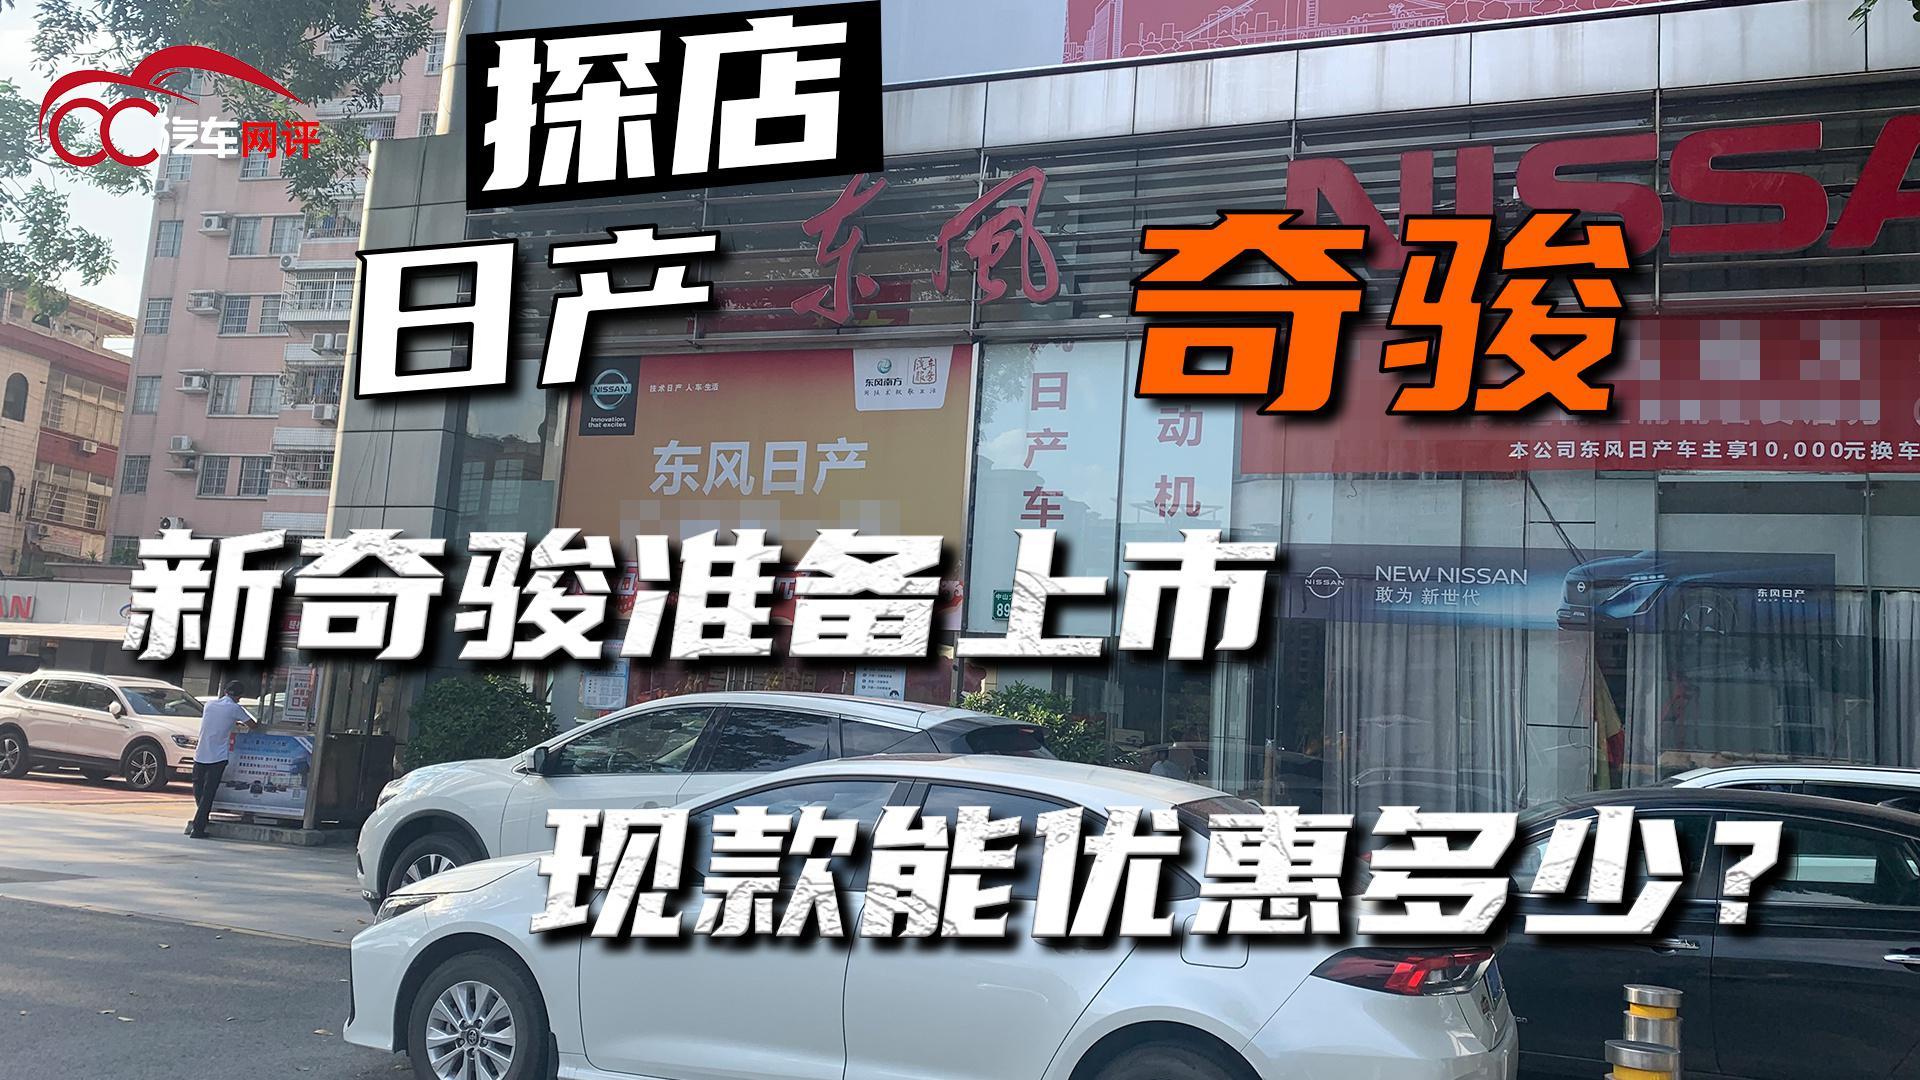 视频:探店日产奇骏,新奇骏准备上市,现款能优惠多少?